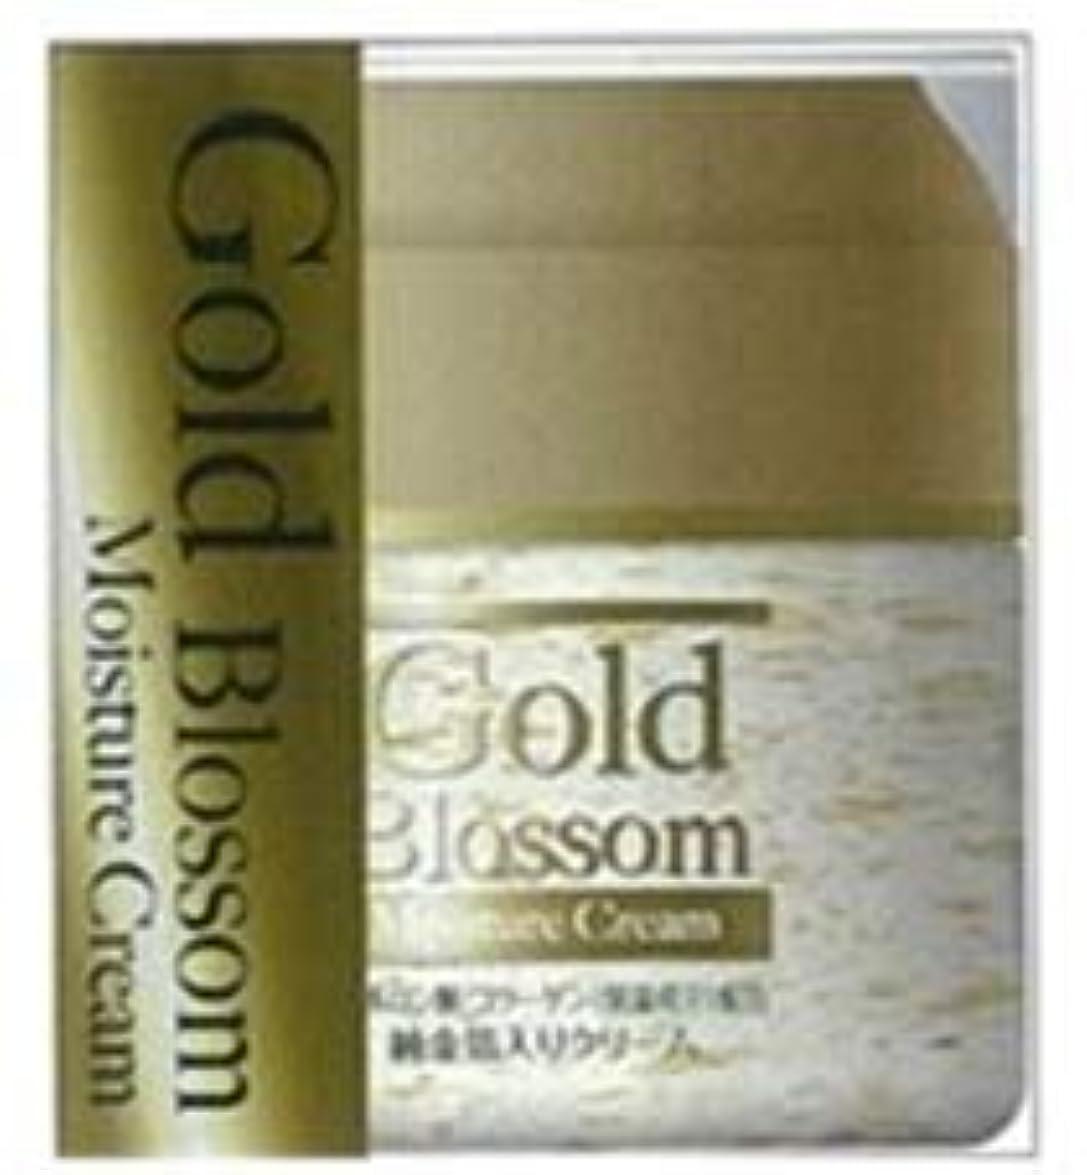 吸い込むコンパイルフィードバックGold Blossom 保湿クリーム